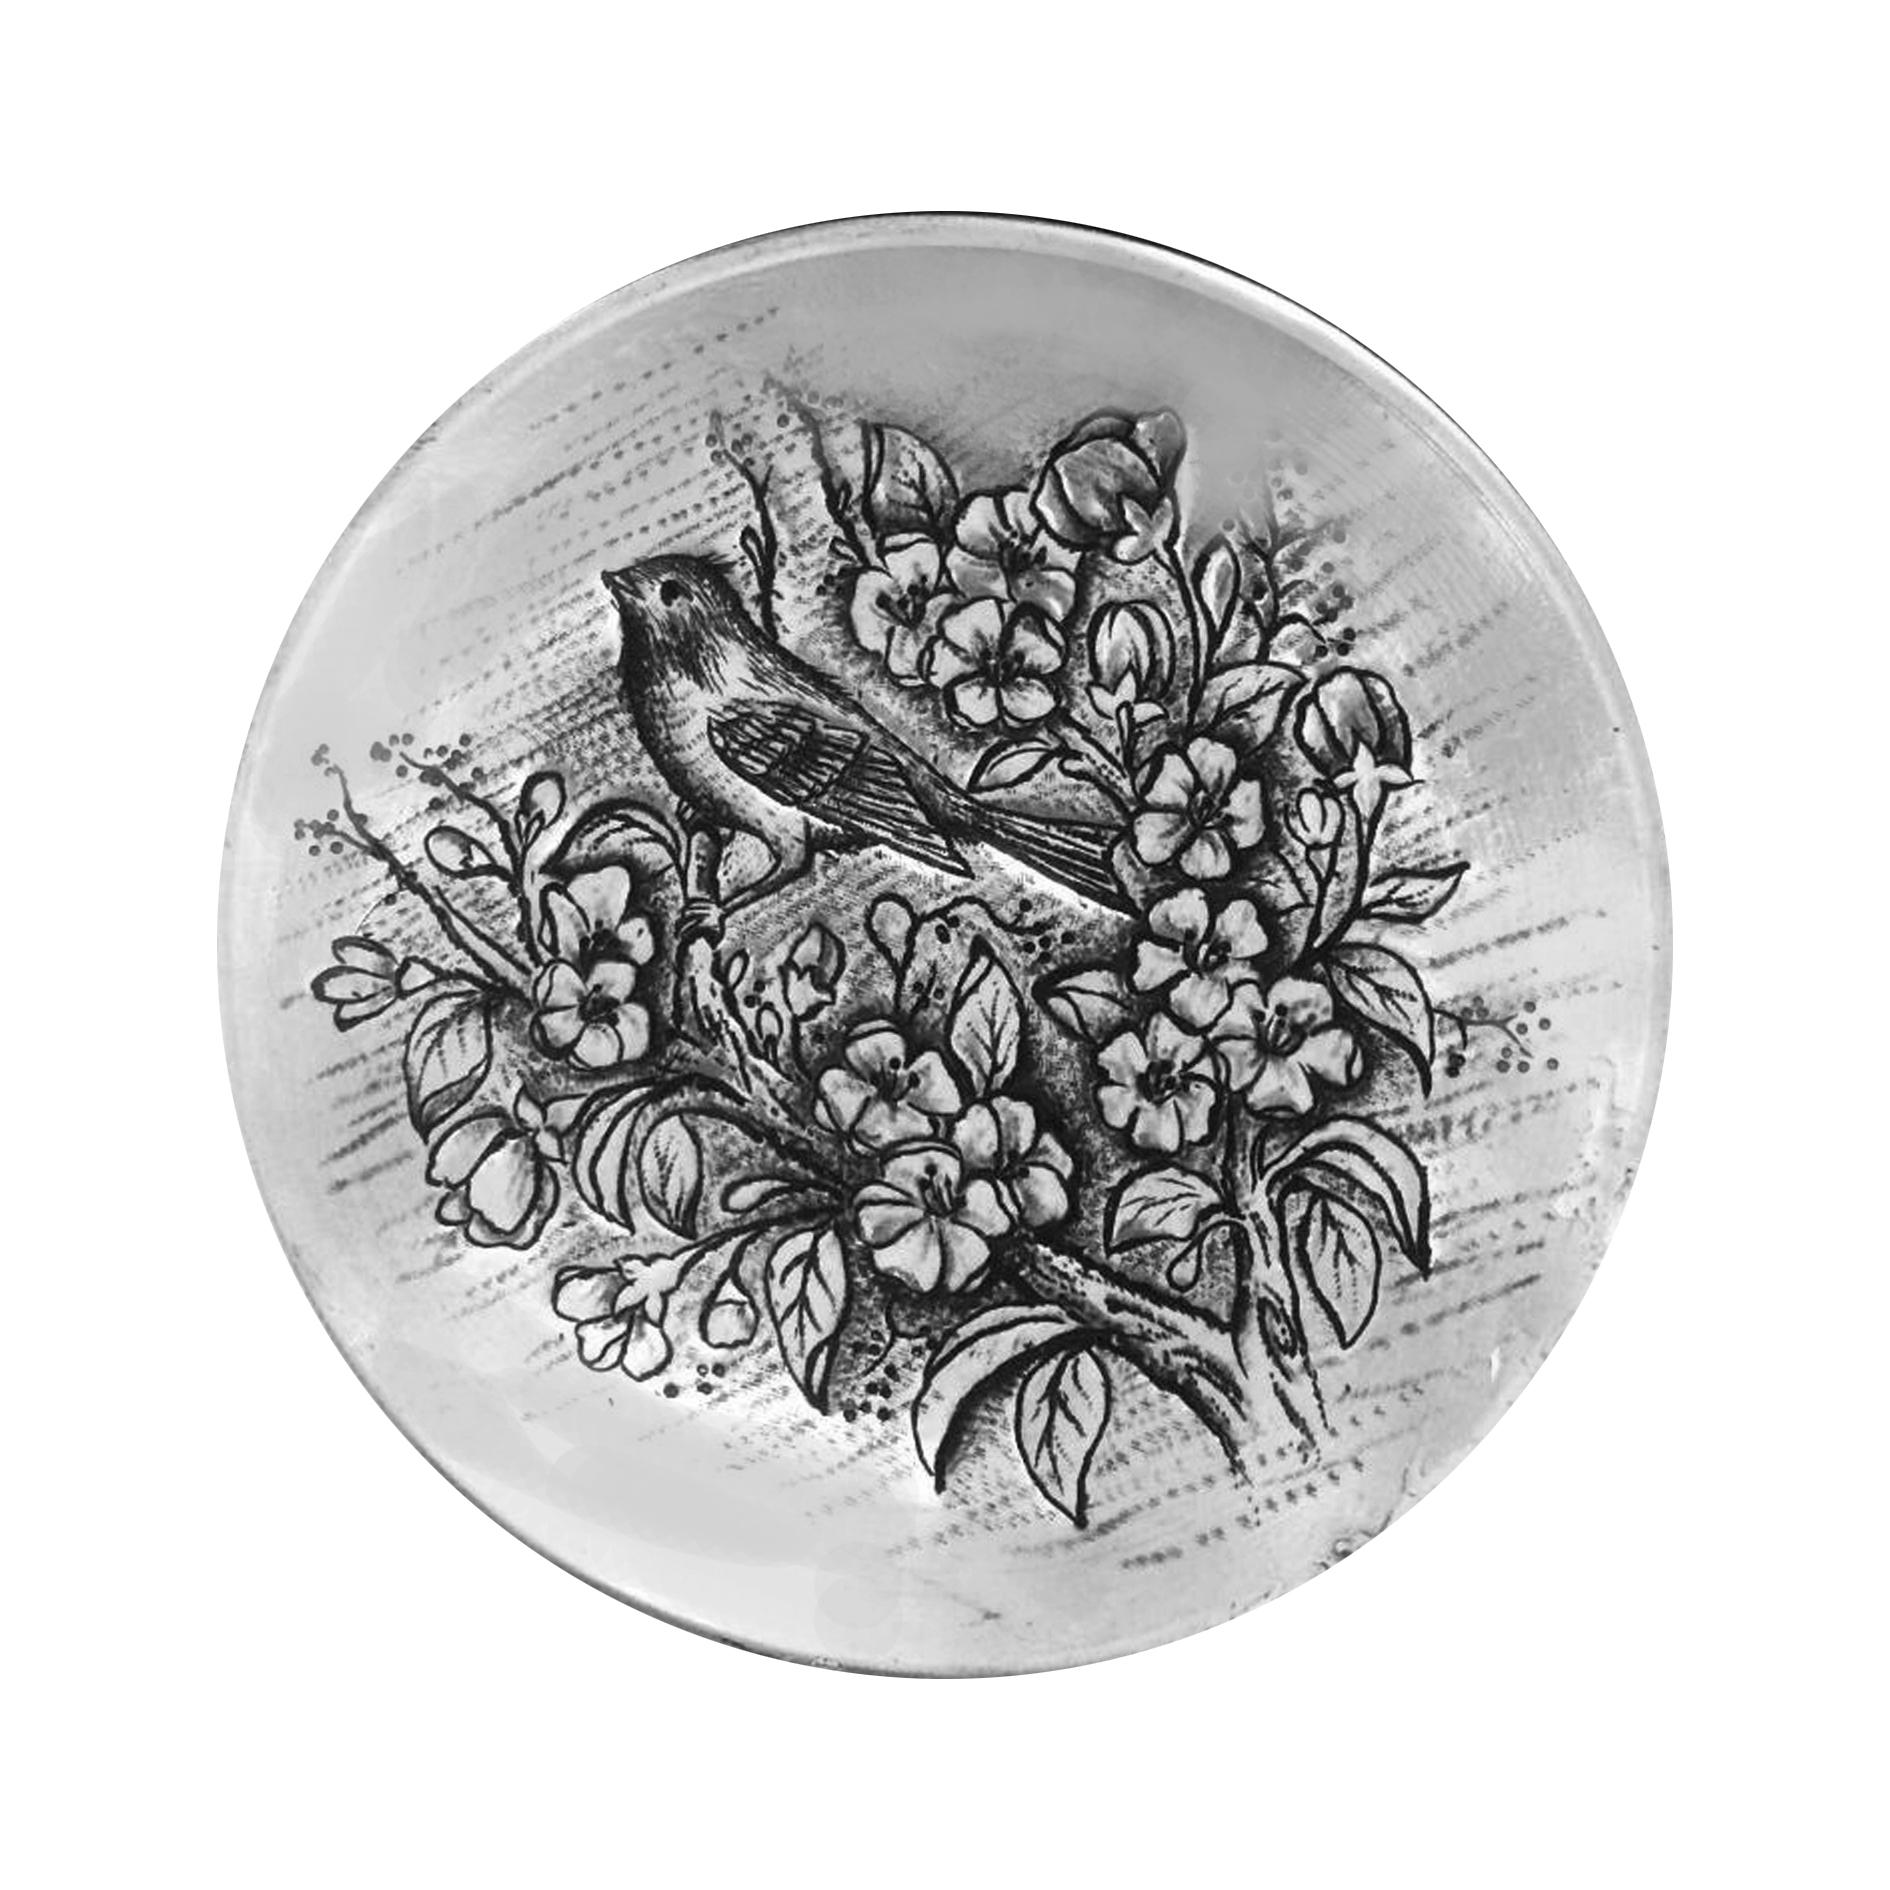 بشقاب دیوارکوب قلمزنی طرح گل و مرغ کد 1